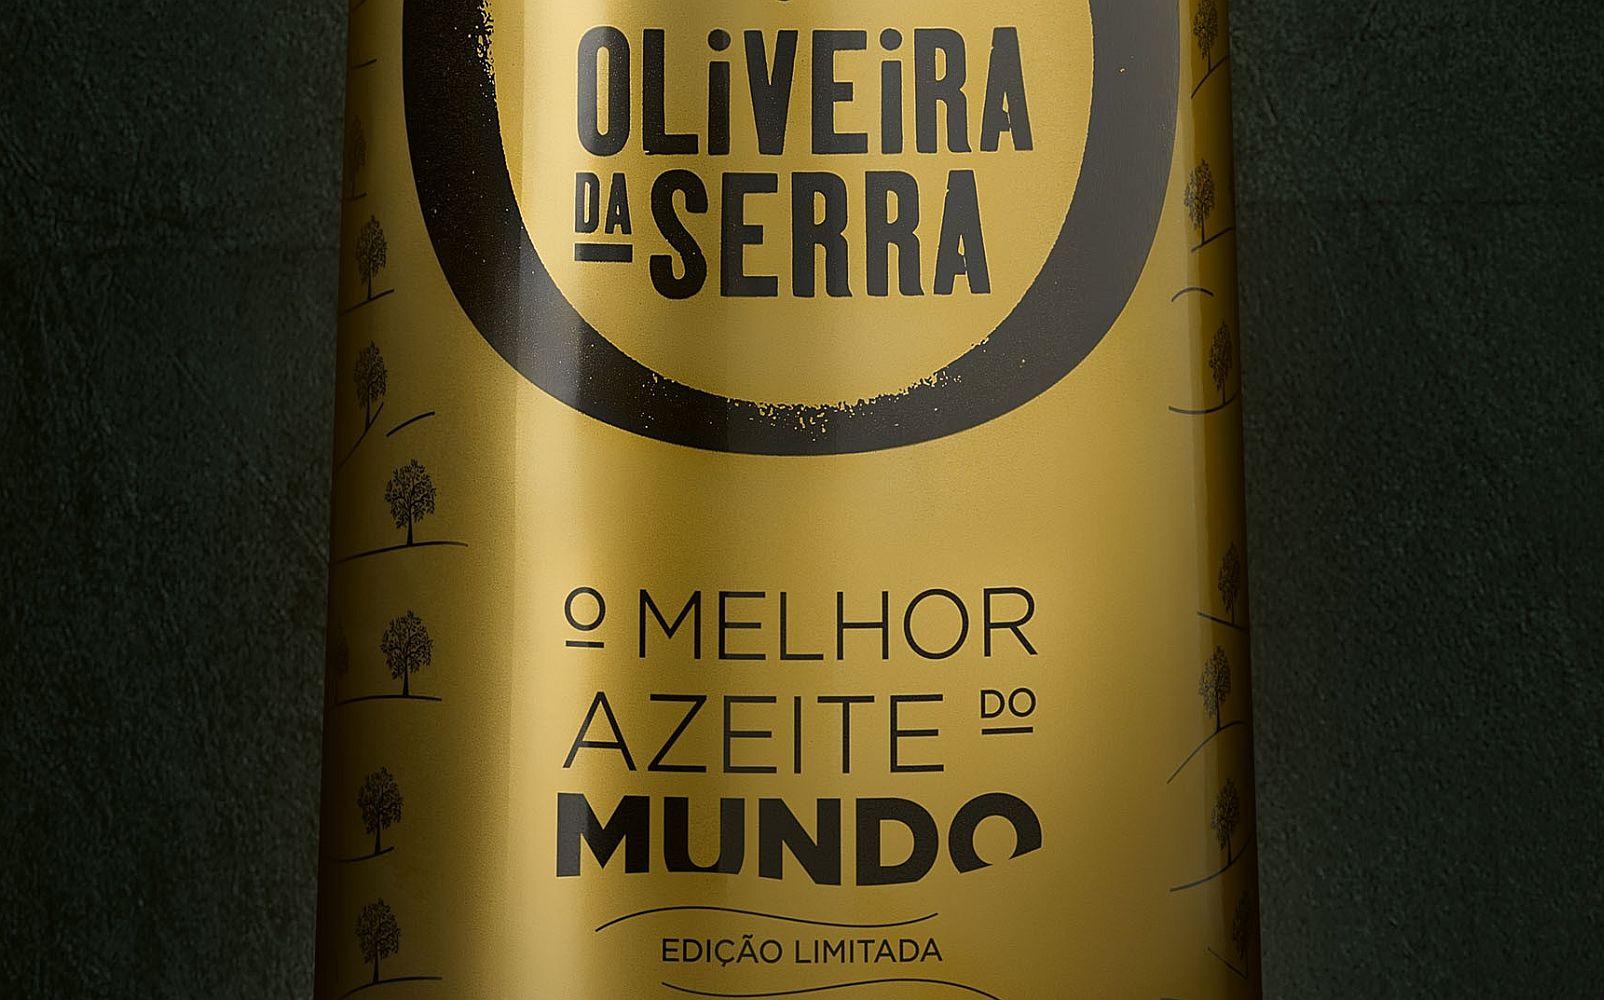 Oliveira da Serr